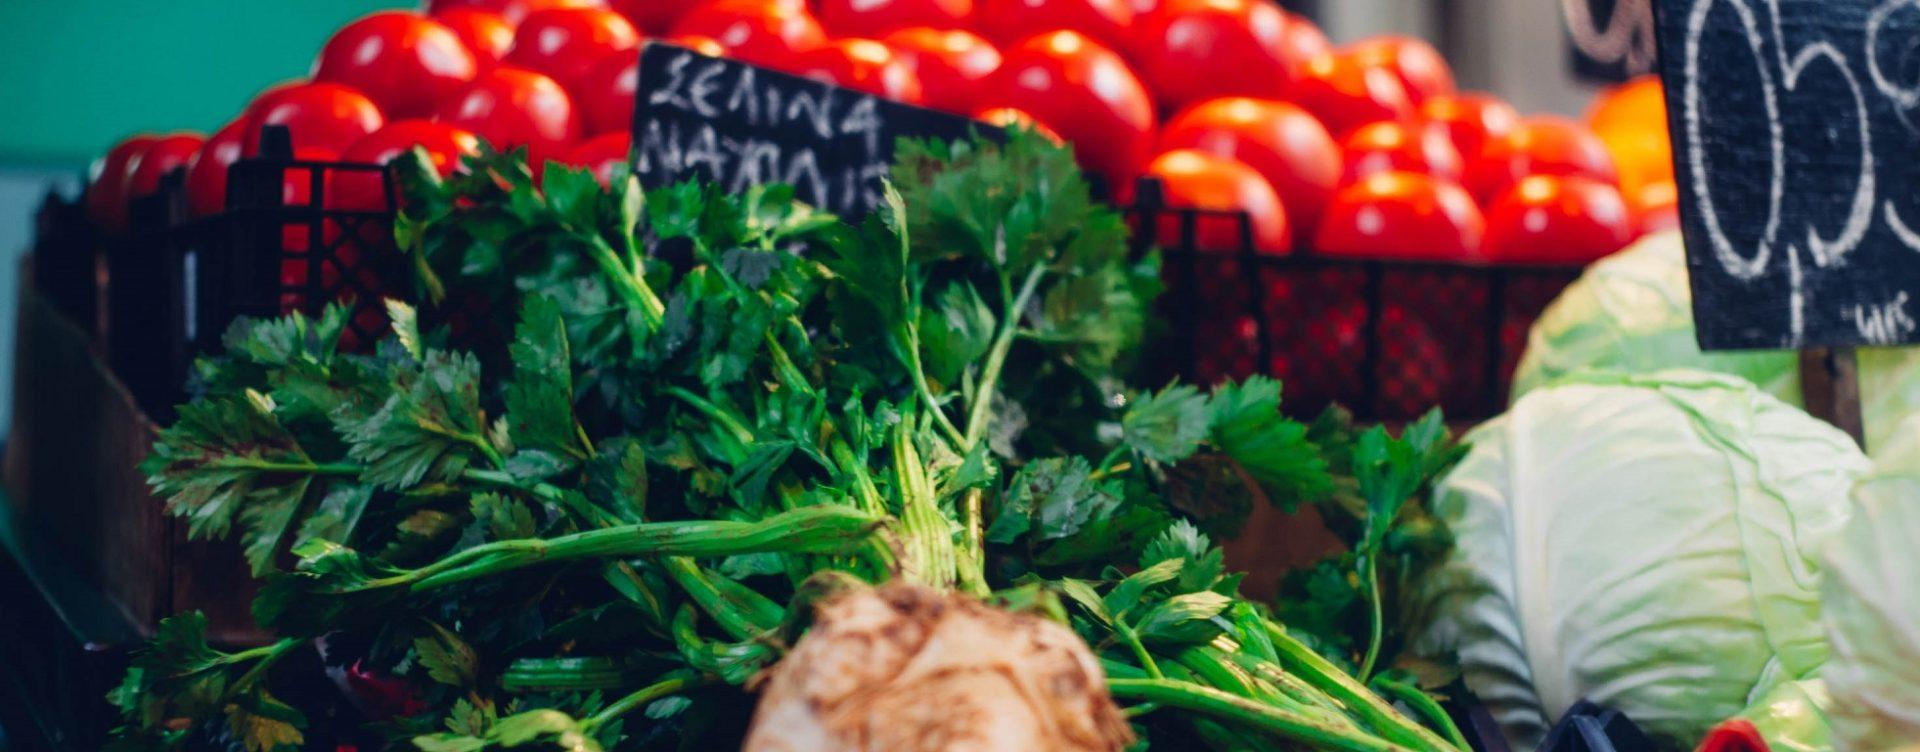 Vegetables laiki agora